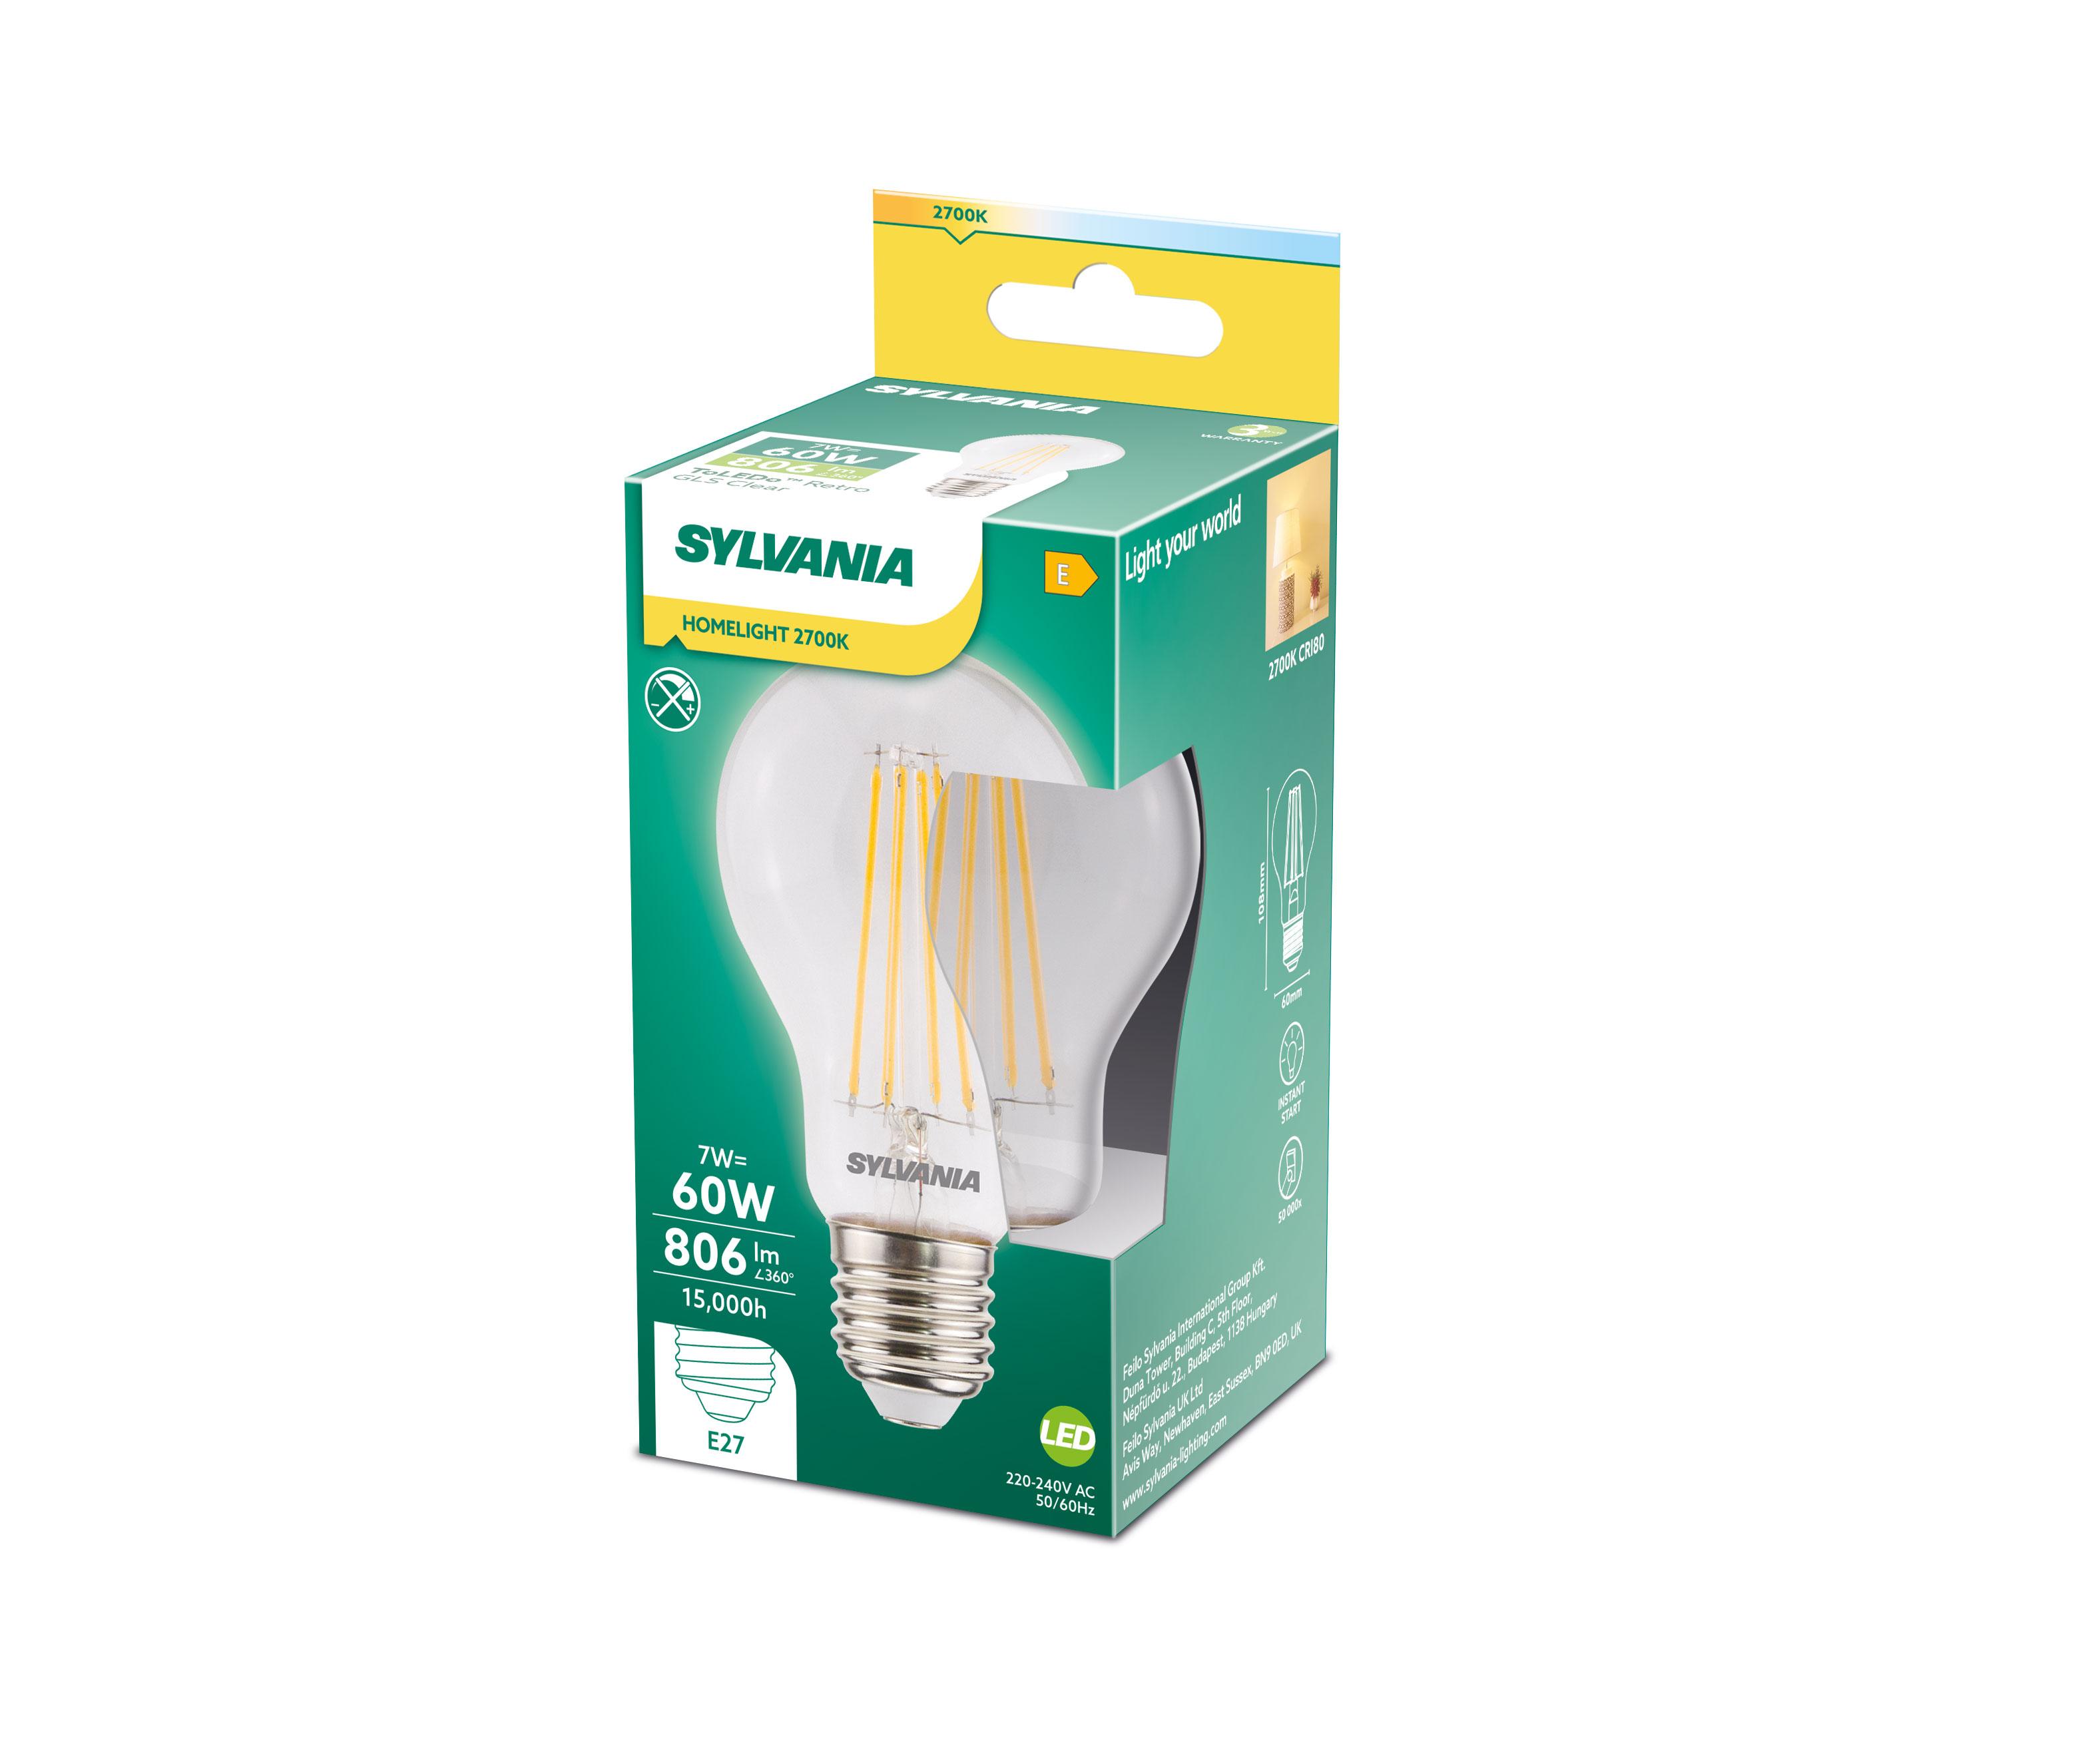 lighting regulations